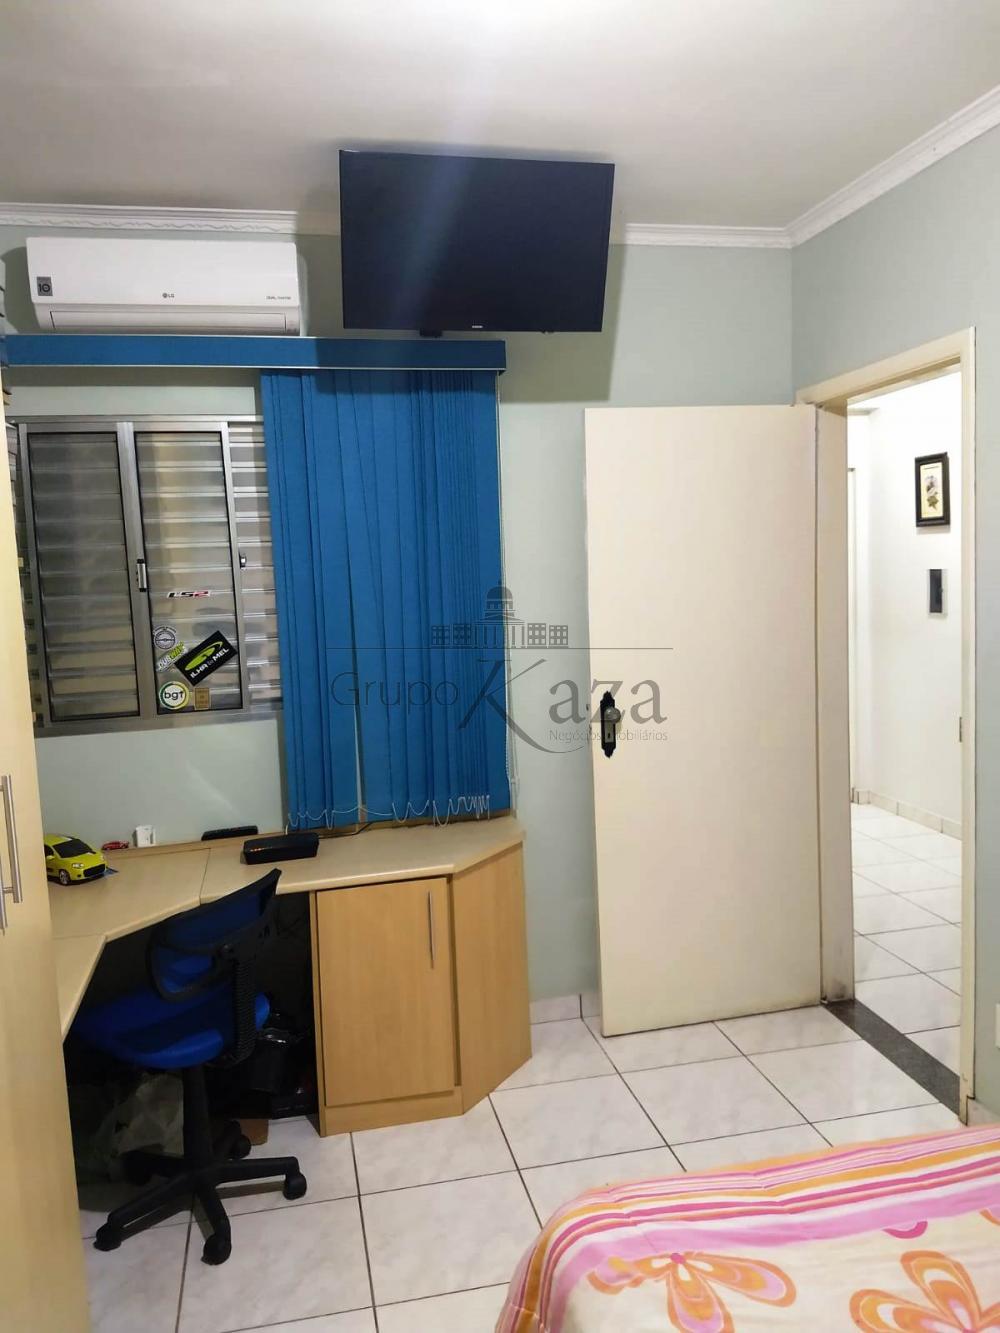 alt='Comprar Casa / Sobrado em São José dos Campos R$ 390.000,00 - Foto 9' title='Comprar Casa / Sobrado em São José dos Campos R$ 390.000,00 - Foto 9'